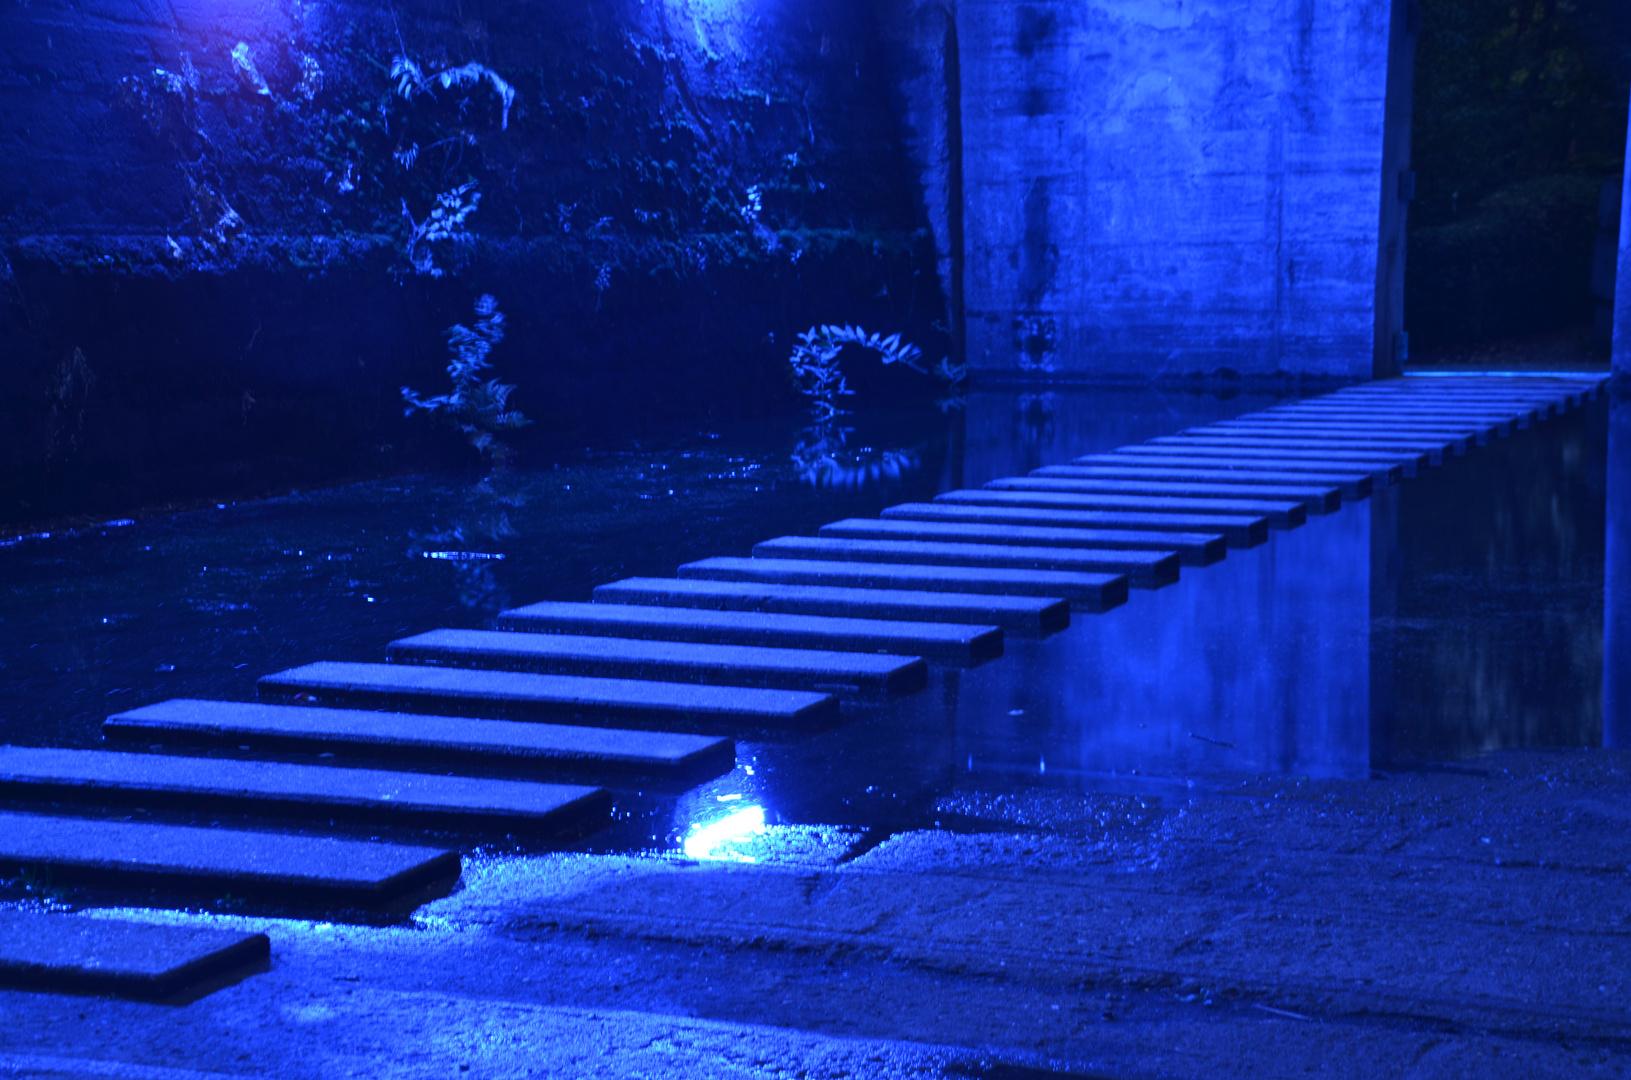 Der steinige Weg bei Nacht